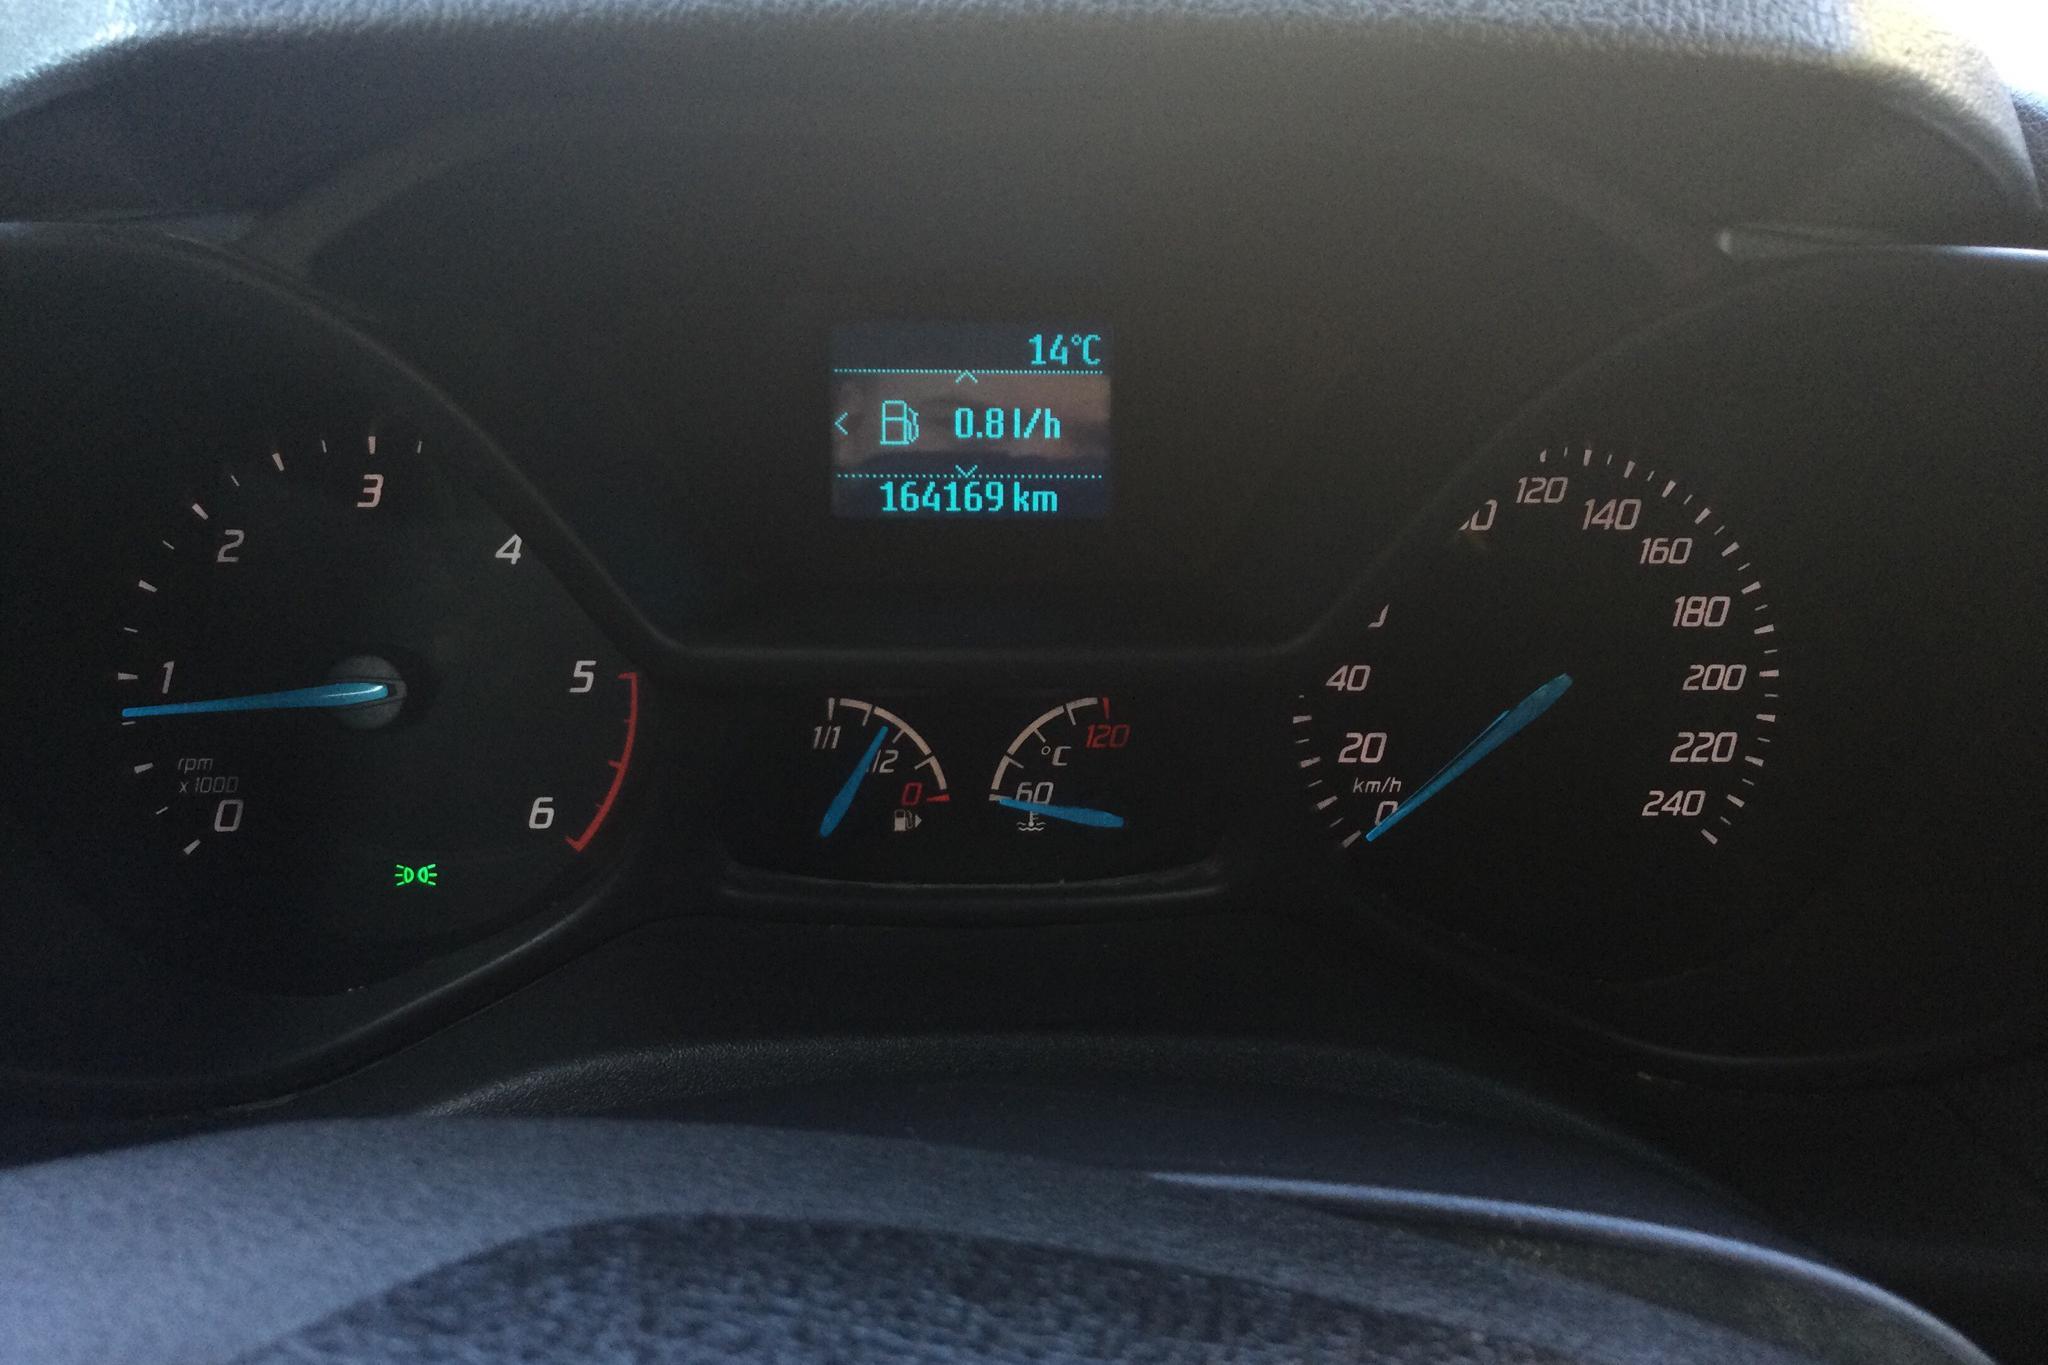 Ford Transit Connect 1.6 TDCi (115hk) - 16 416 mil - Manuell - blå - 2014